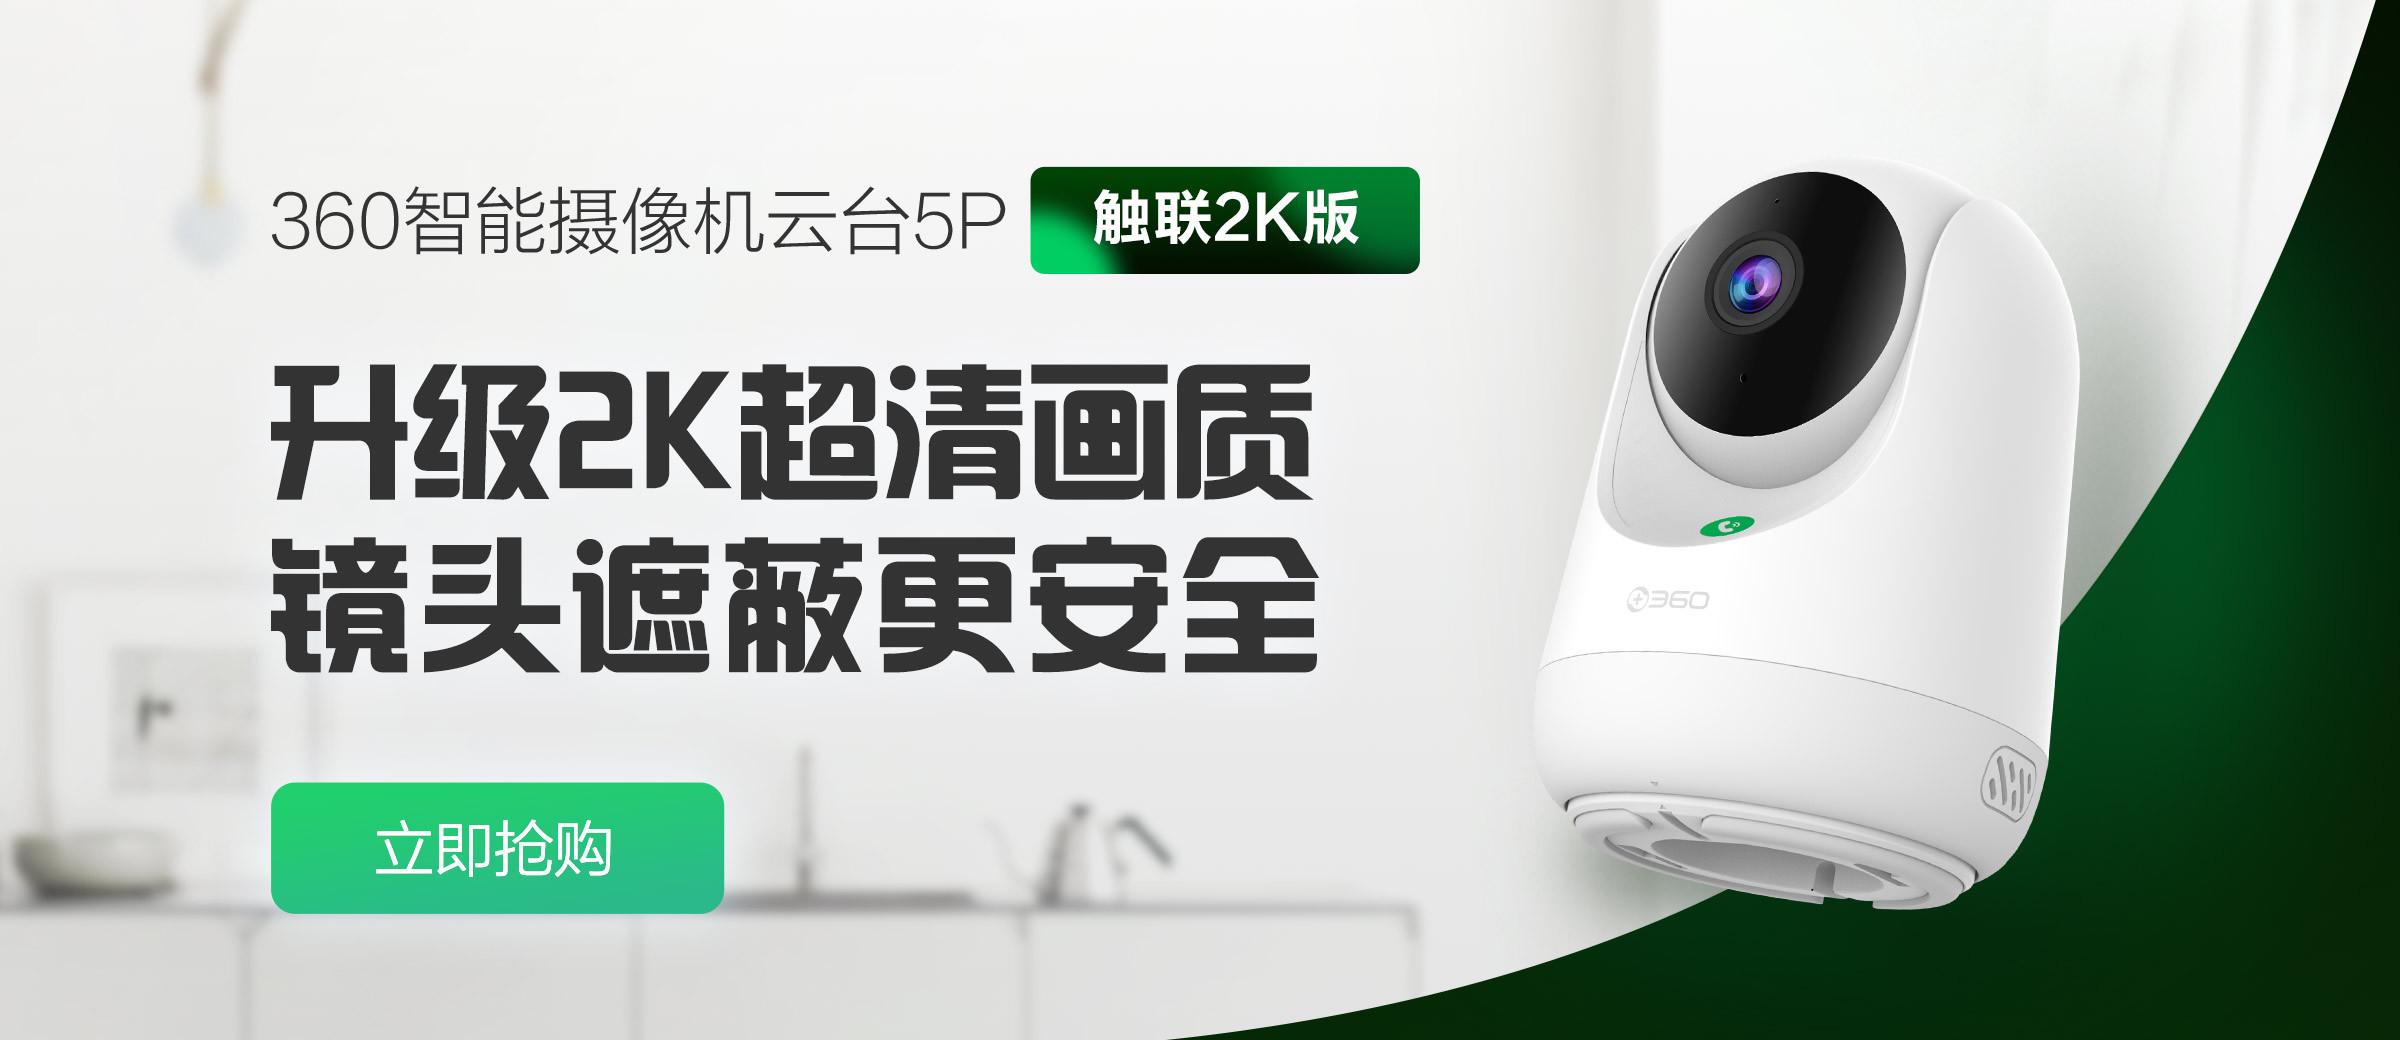 360摄像机P5新品上市